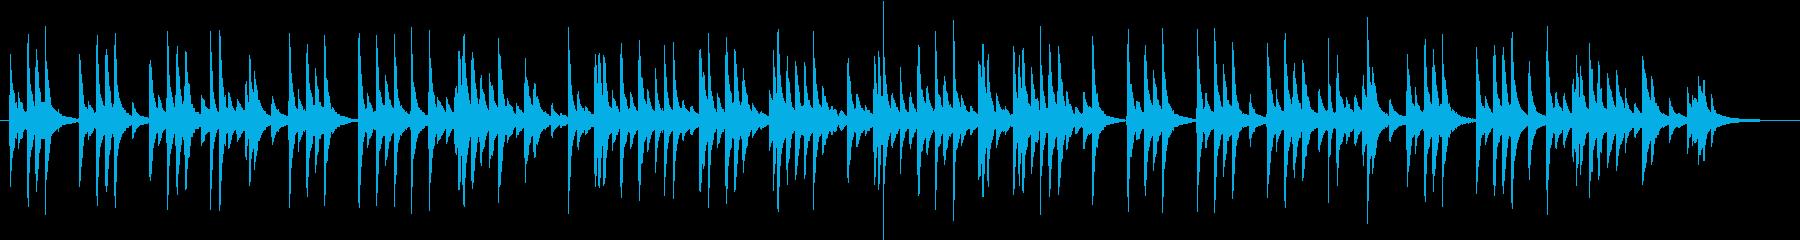 ゆったりとした和風、琴のBGMの再生済みの波形